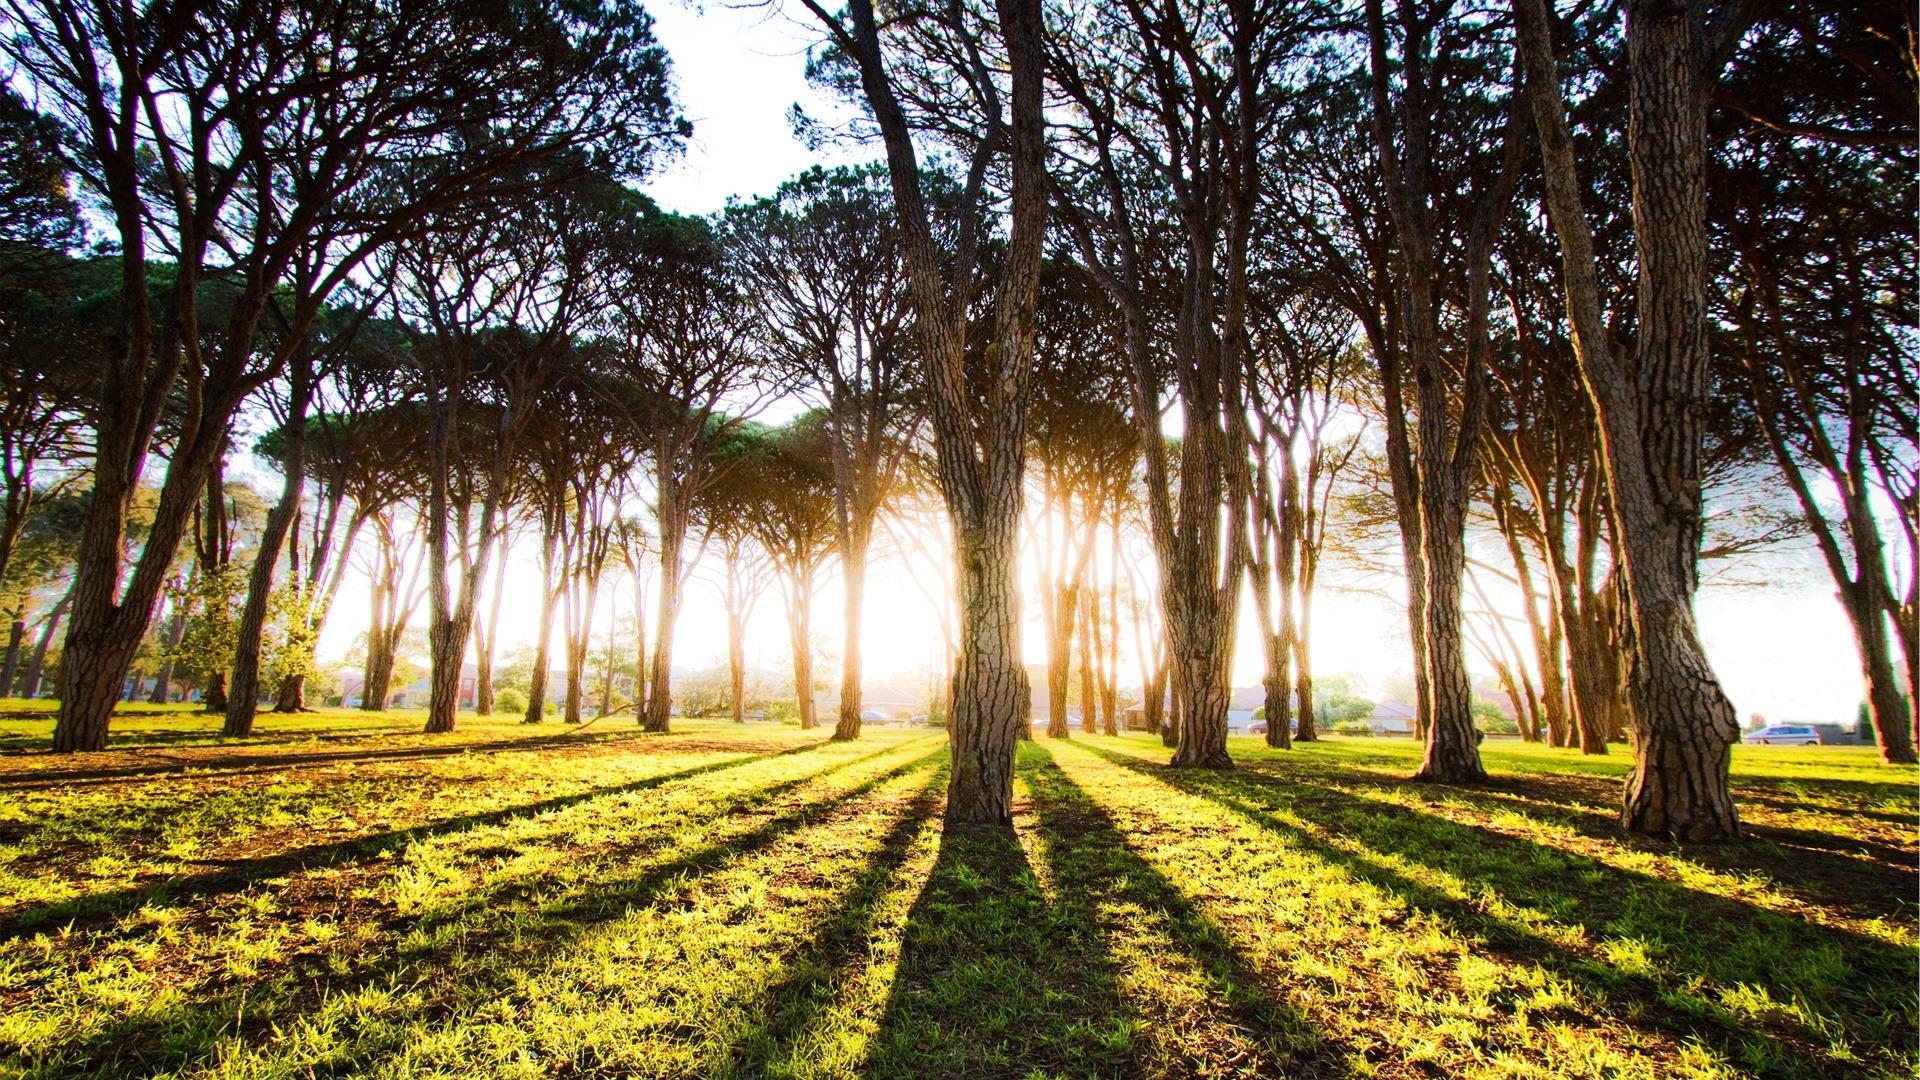 تصاویر پس زمینه های زیبا طبیعت